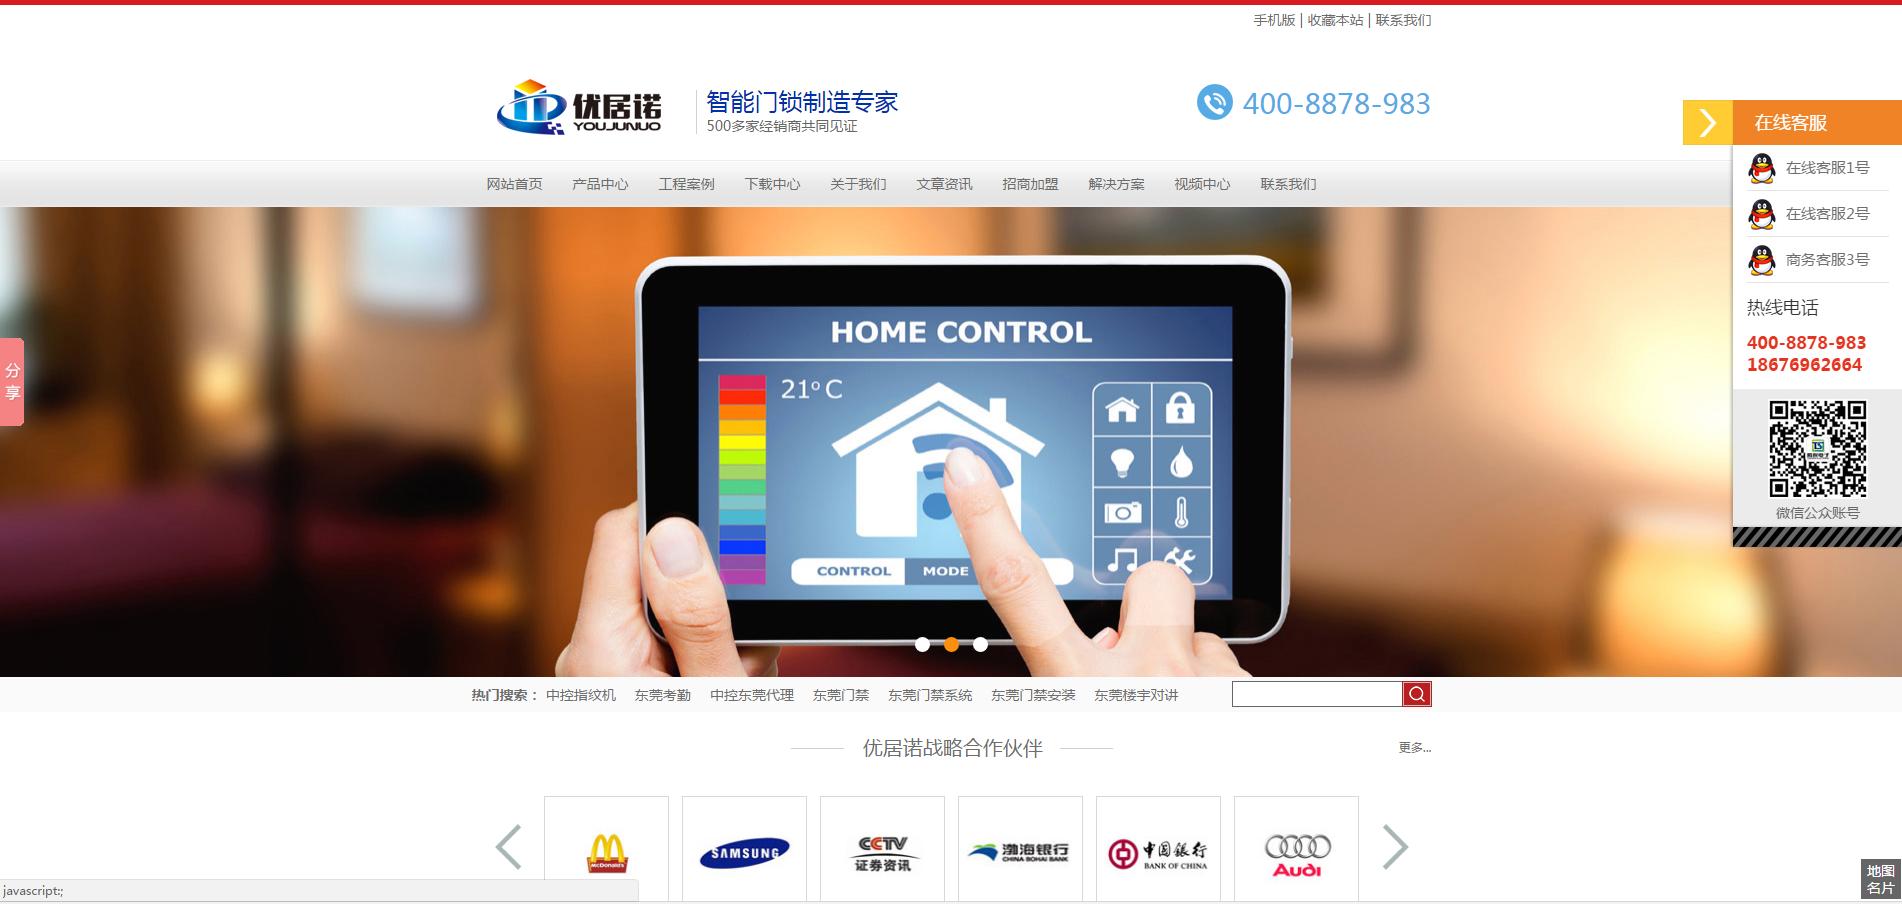 智能家居门禁系统公司网站模板下载